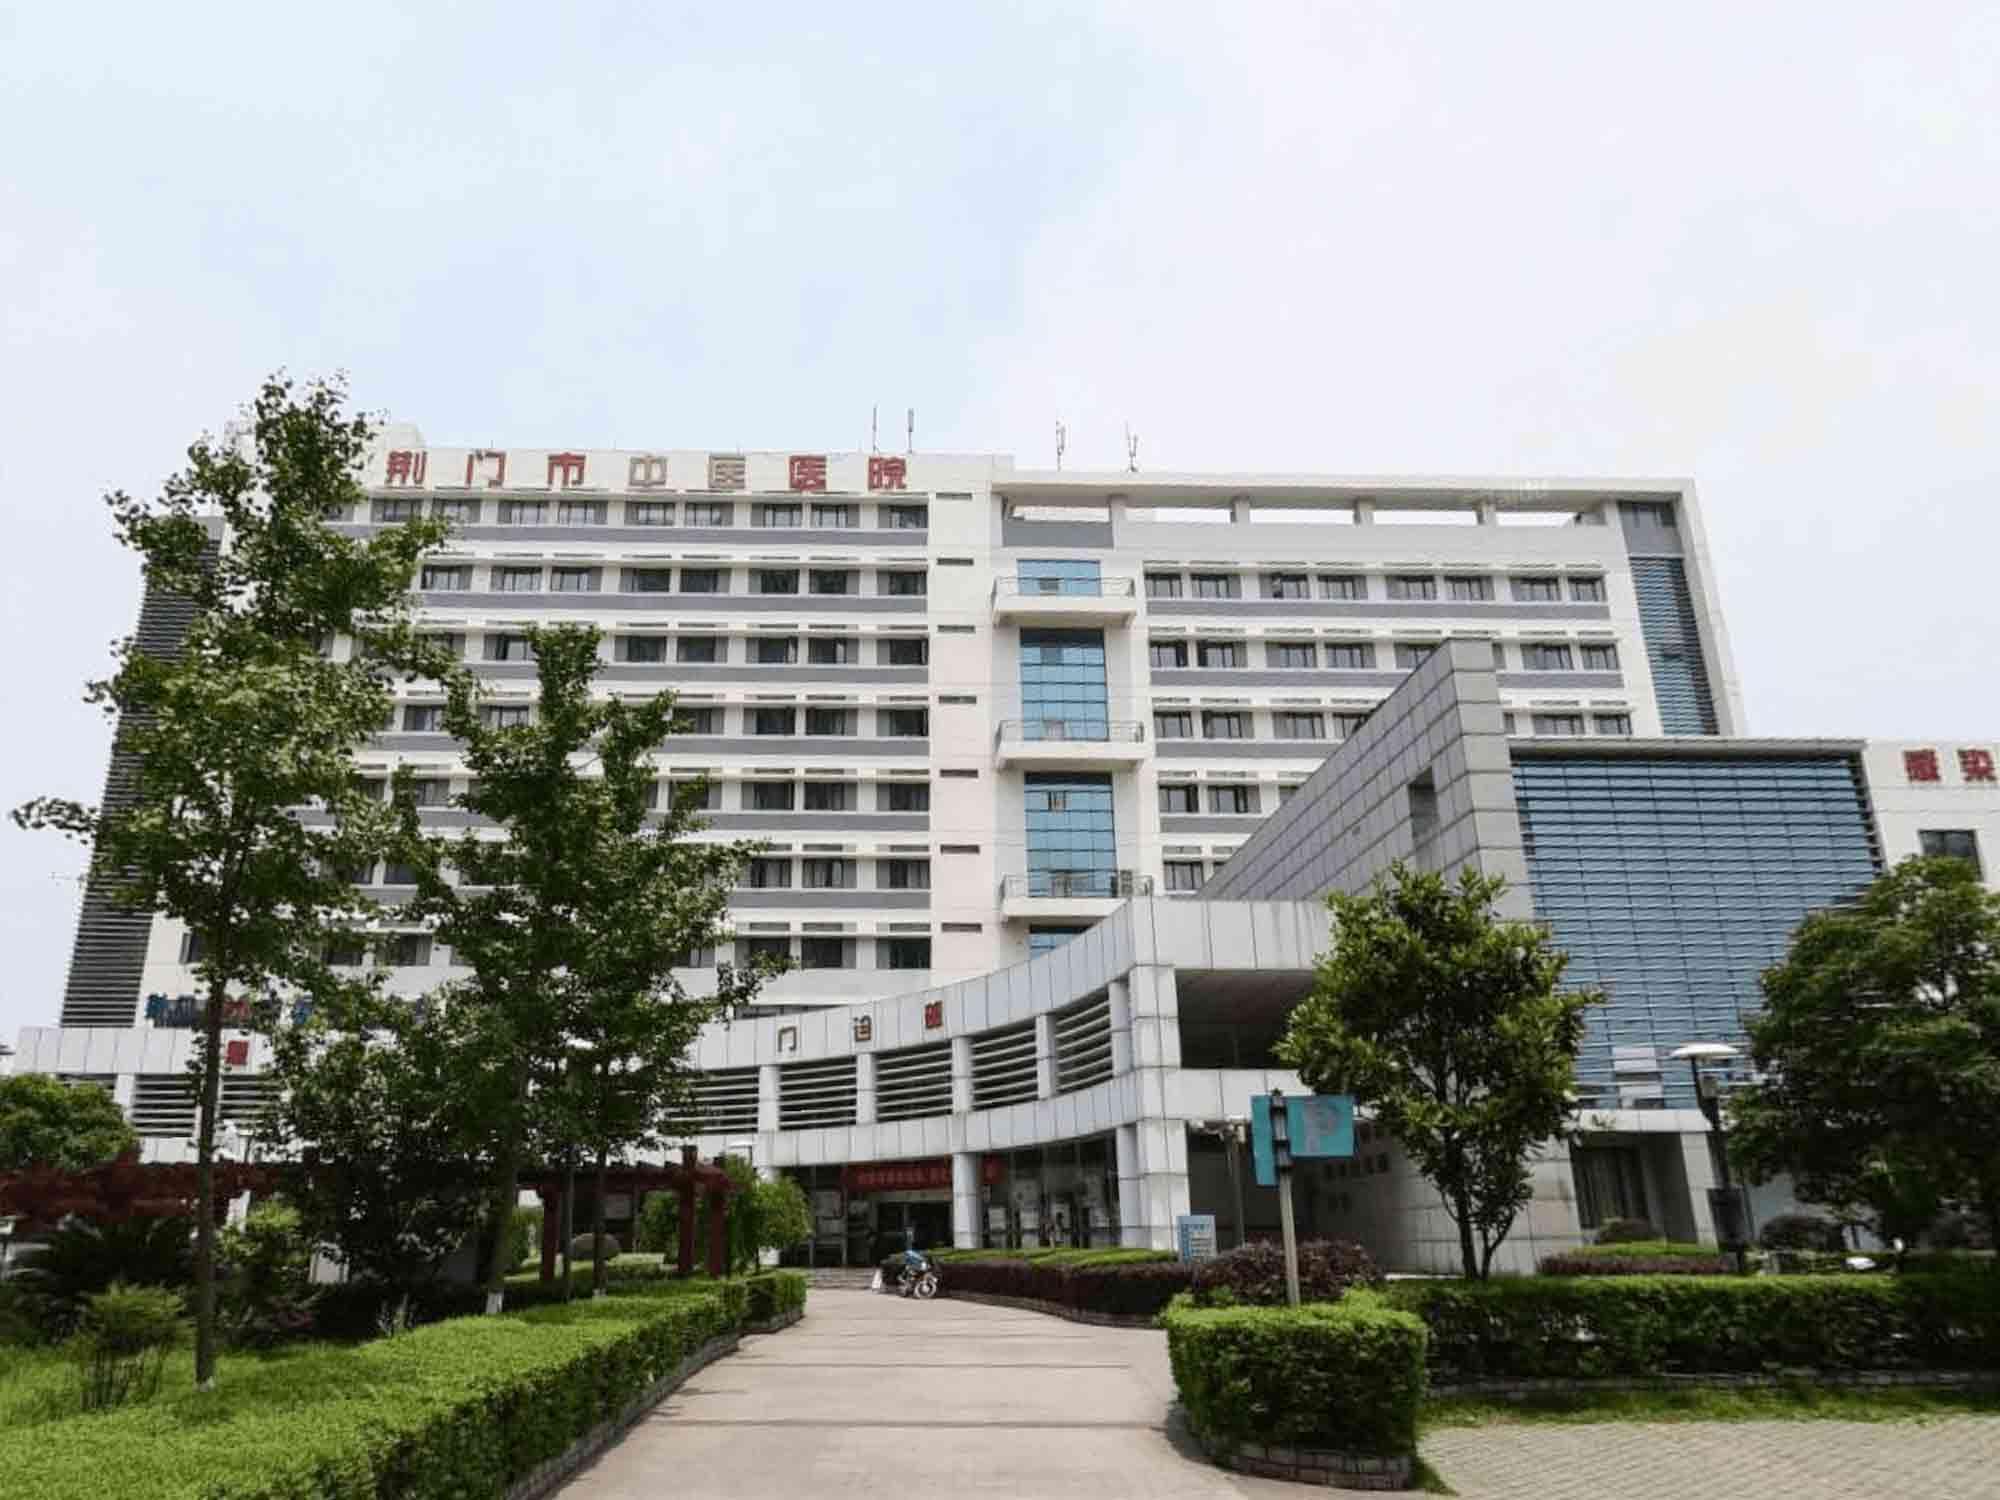 荆门市中医医院体检中心